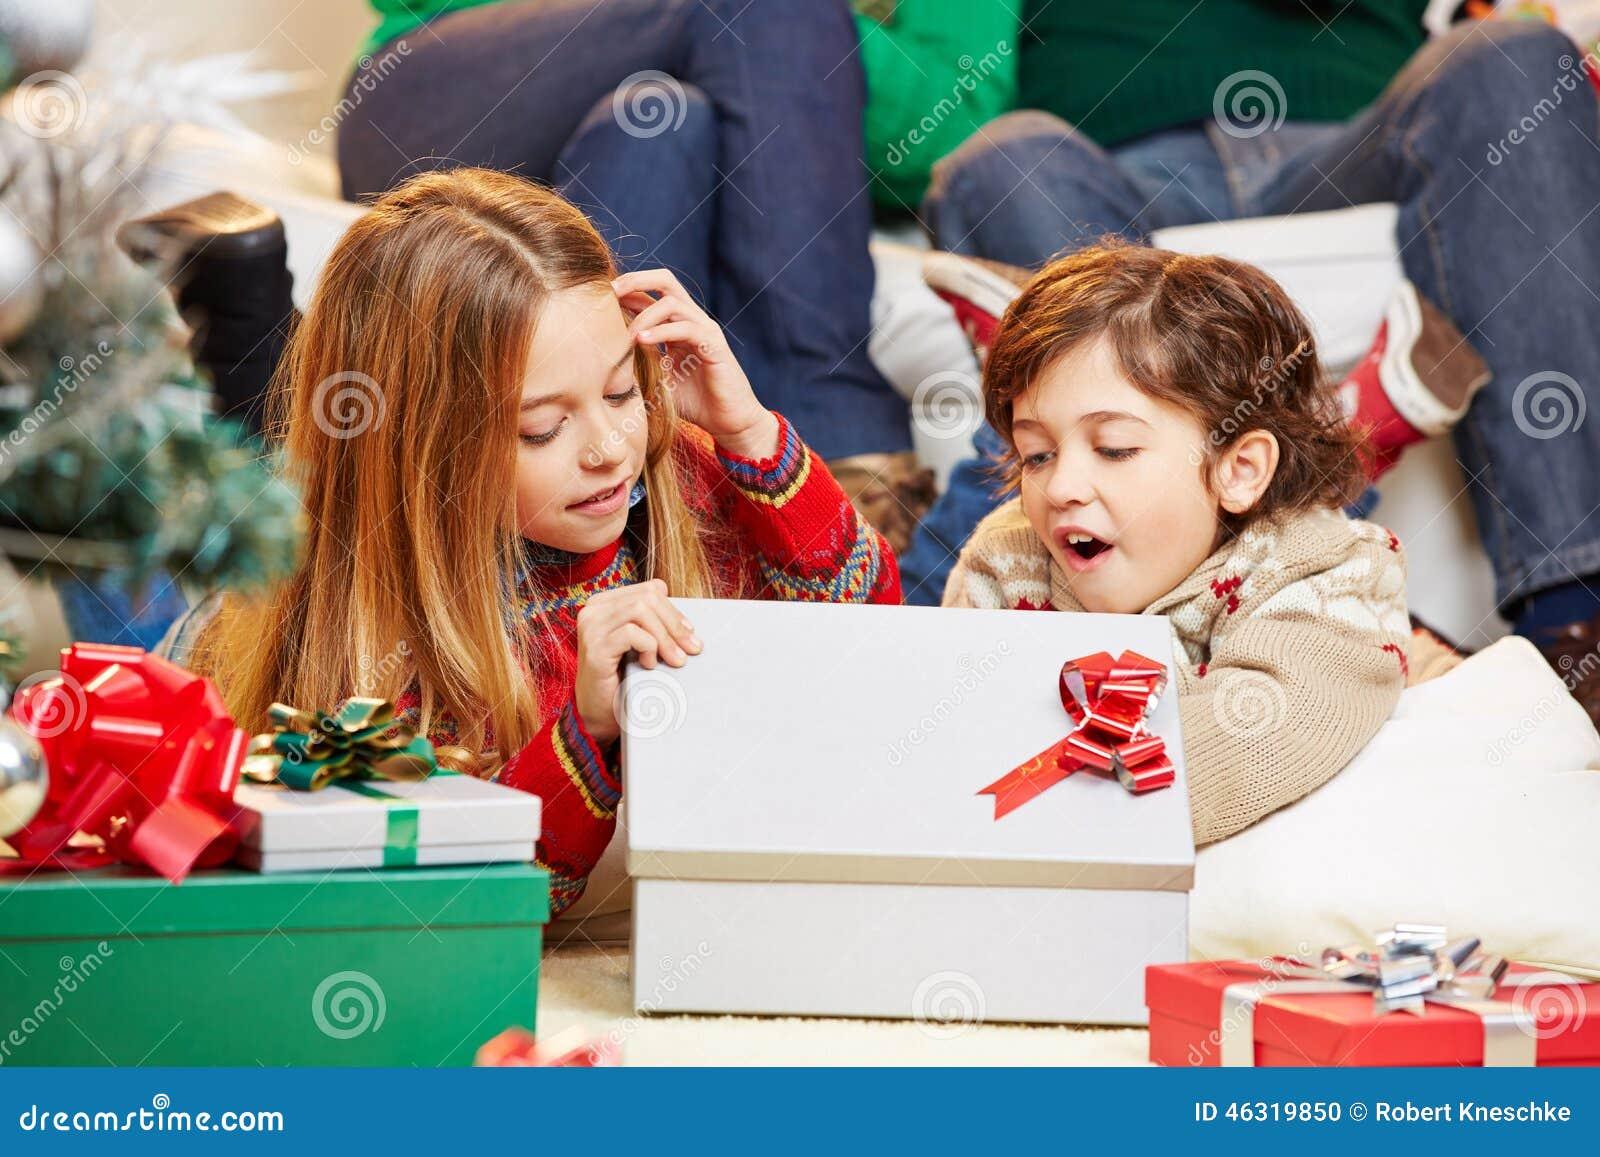 gl ckliche kinder die zusammen geschenke am weihnachten. Black Bedroom Furniture Sets. Home Design Ideas